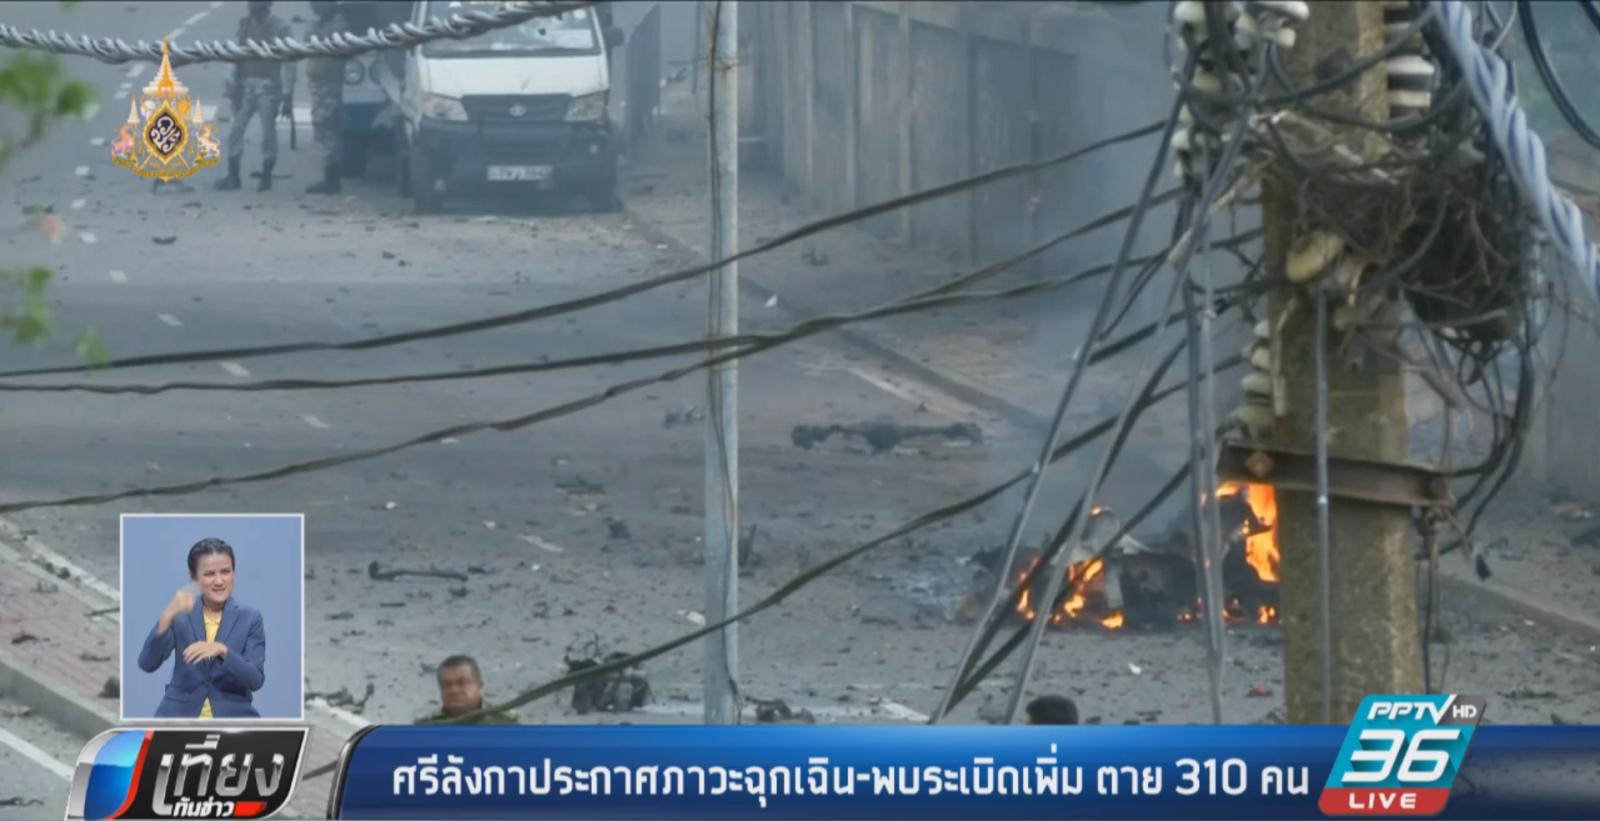 ศรีลังกา ประกาศภาวะฉุกเฉิน พบระเบิดเพิ่ม 87 ลูก ตายแล้ว 310 คน